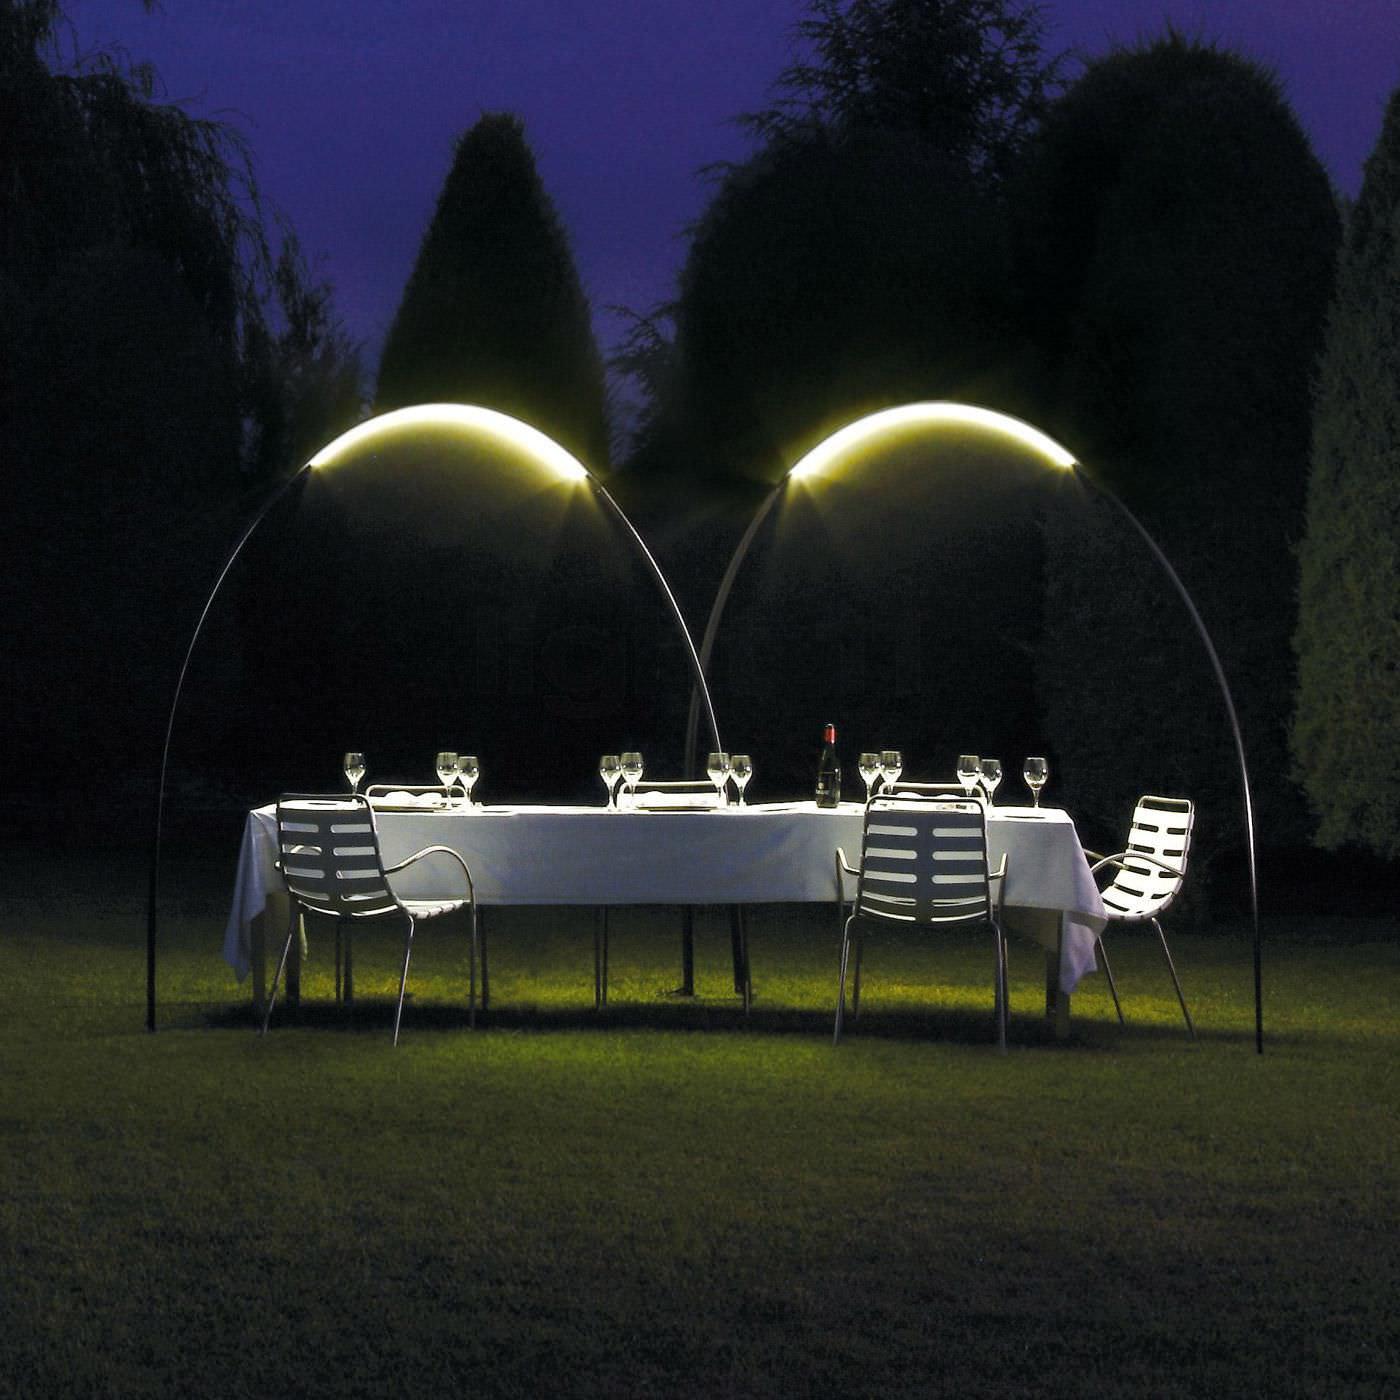 Vibia Halley lampa ogrodowa - oświetlenie -Sanimex